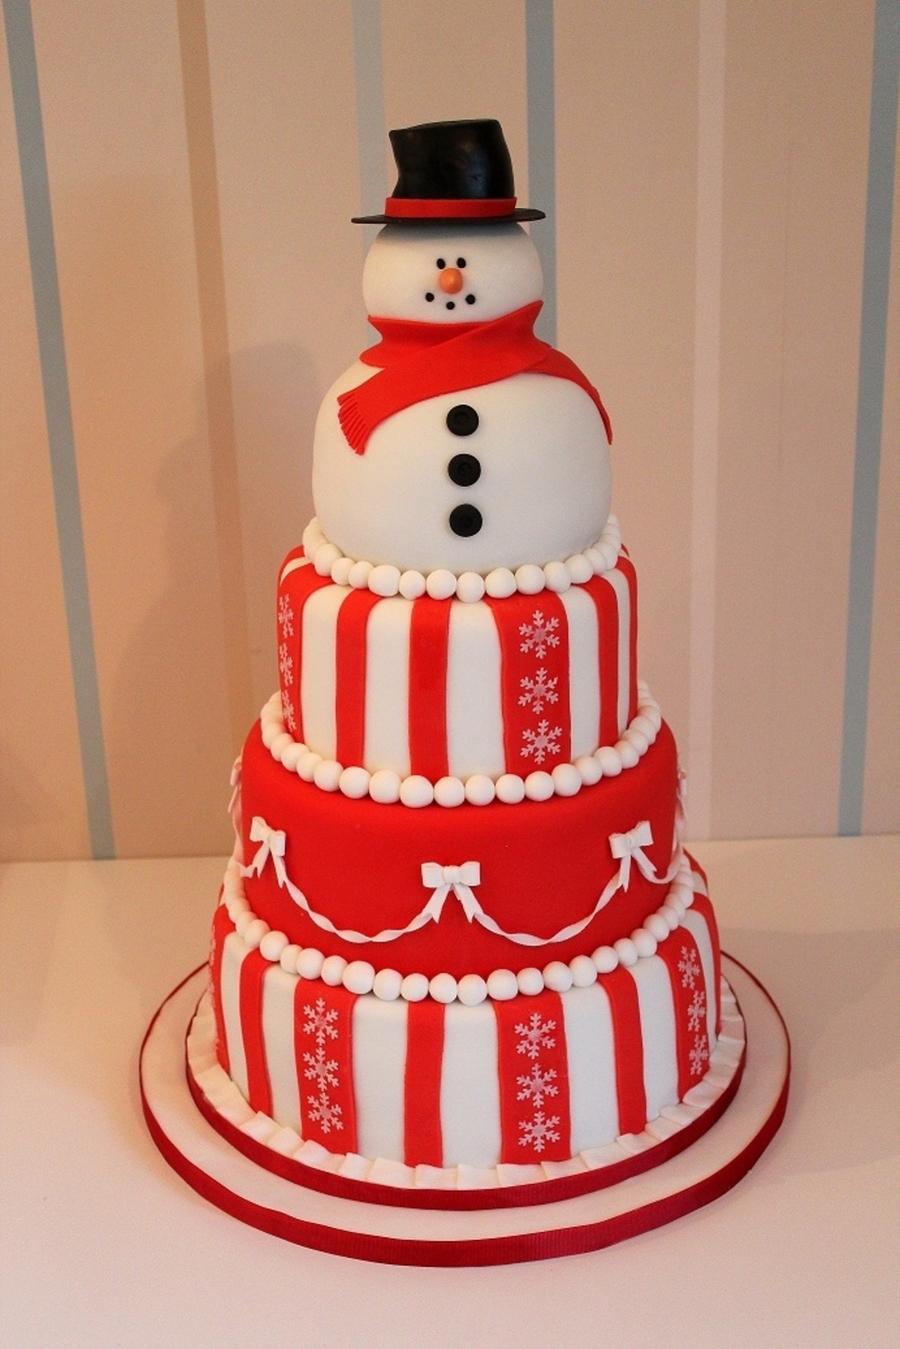 Snowman Christmas Cake - CakeCentral.com